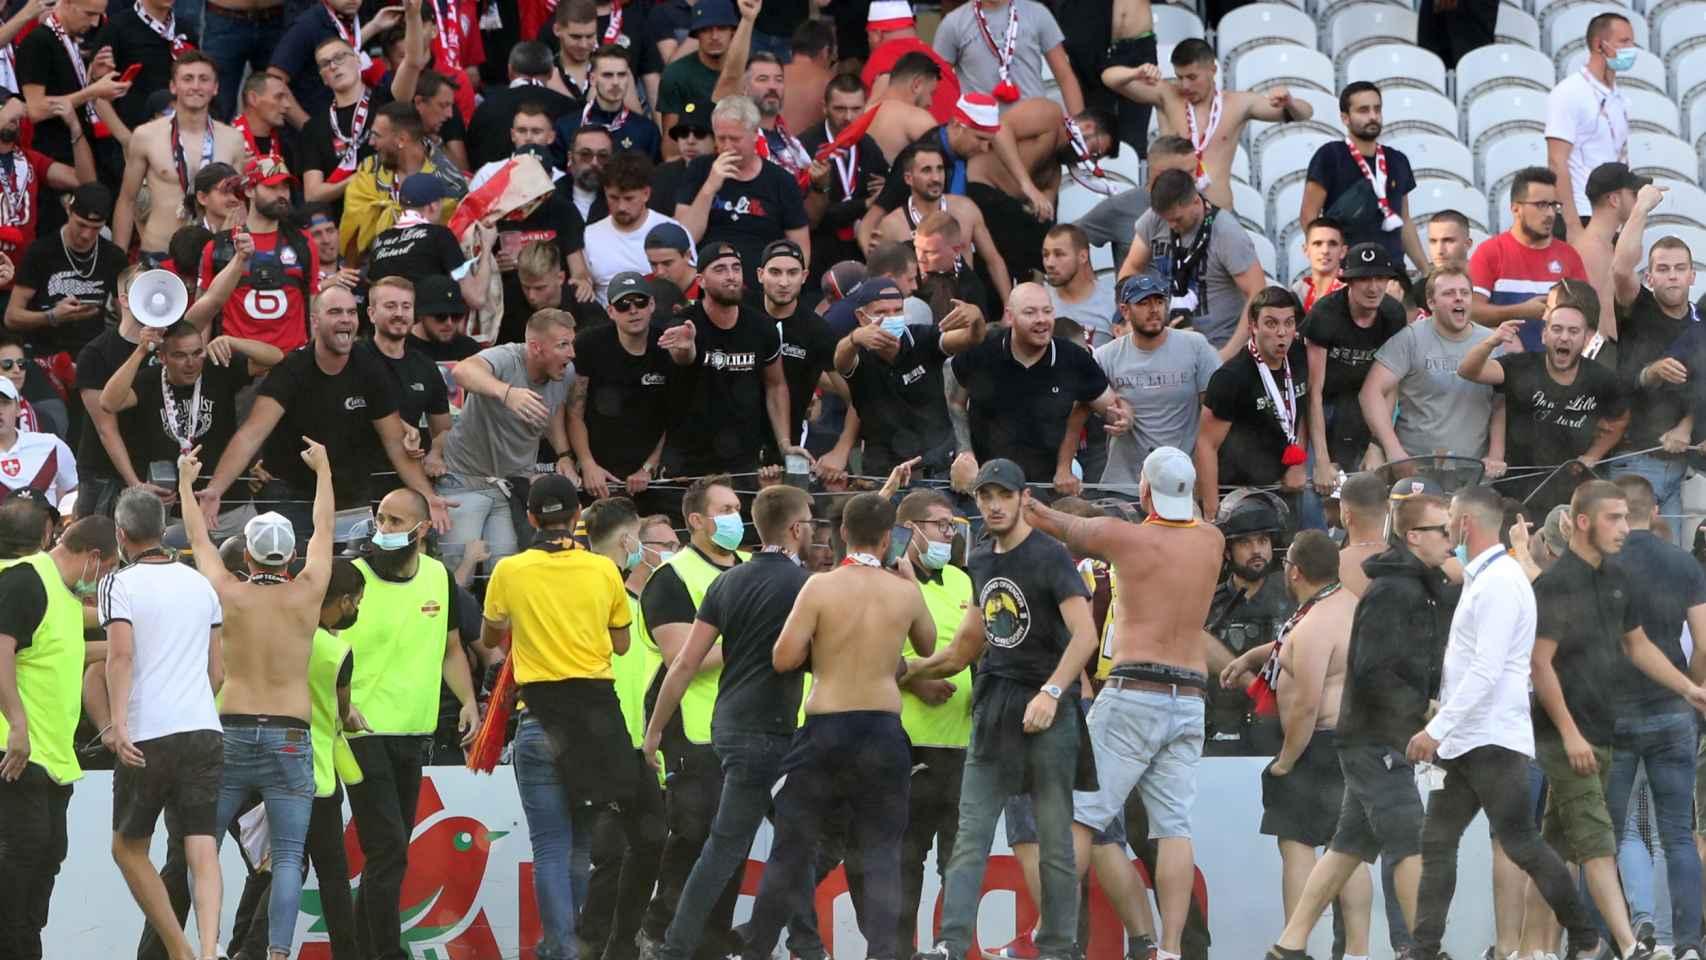 La invasión de campo de los ultras del Lens durante el partido frente al Lille